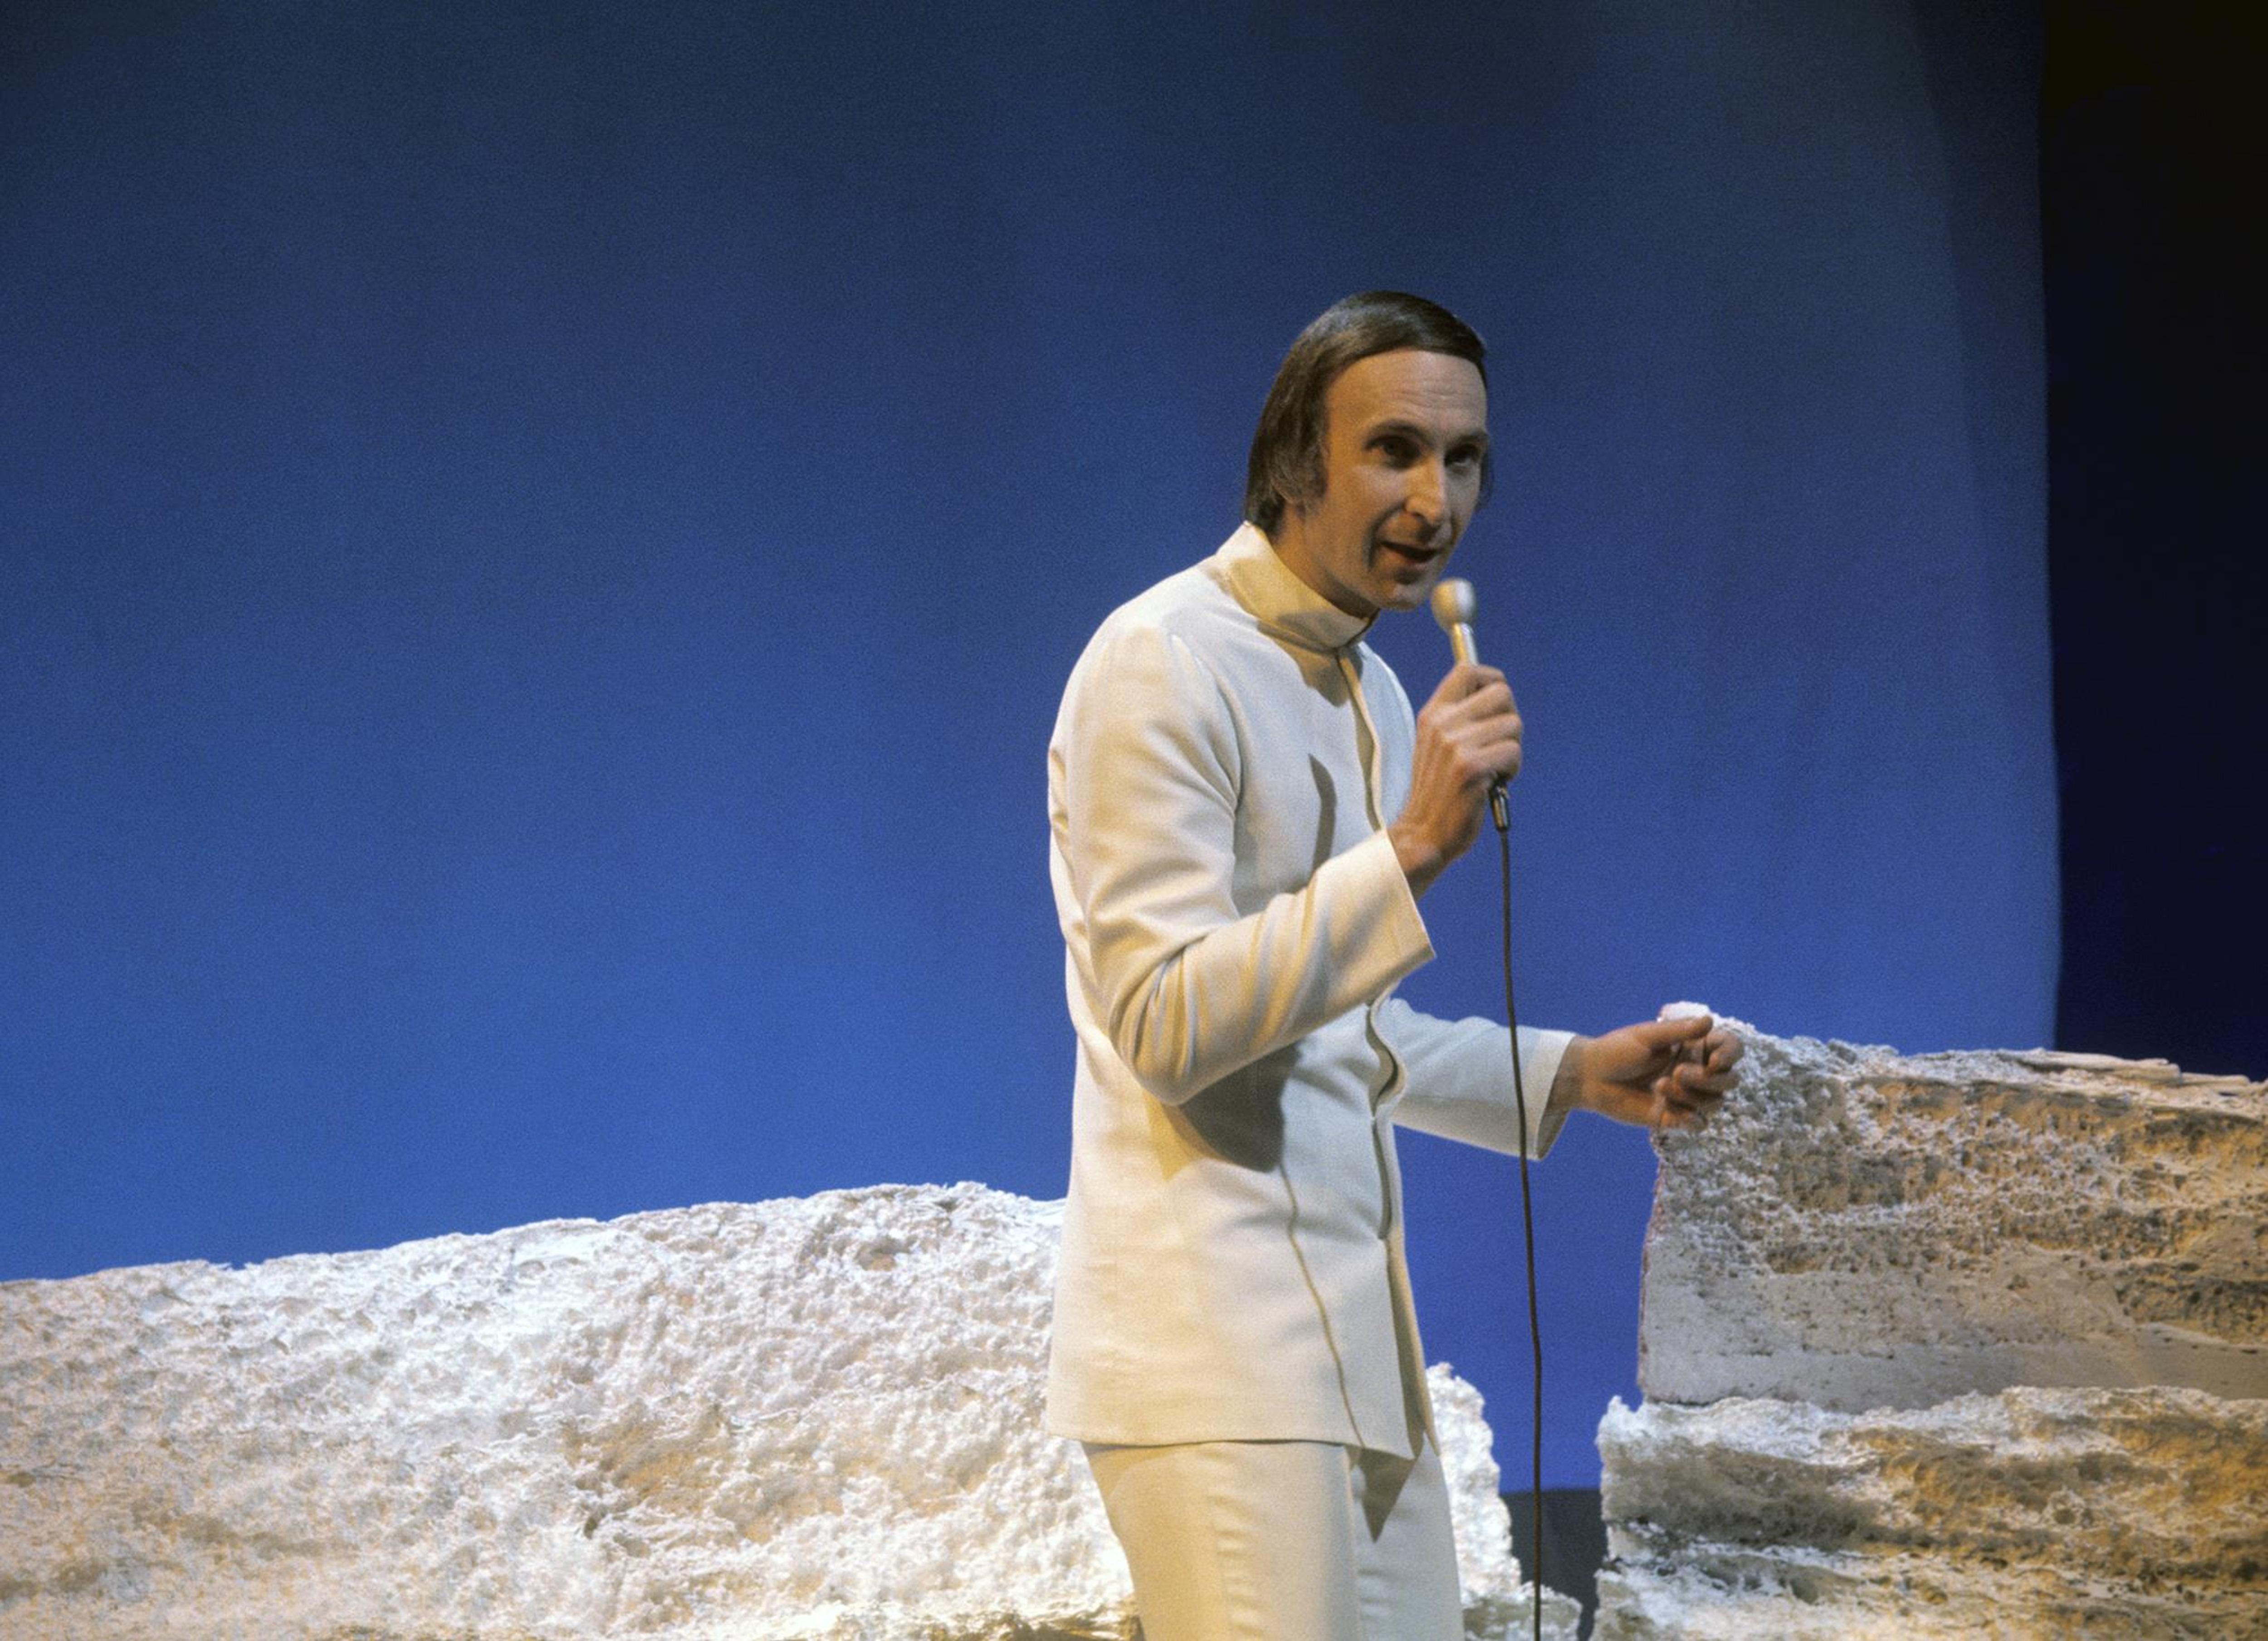 Un homme tient un micro; deux pierres se trouvent derrière lui.